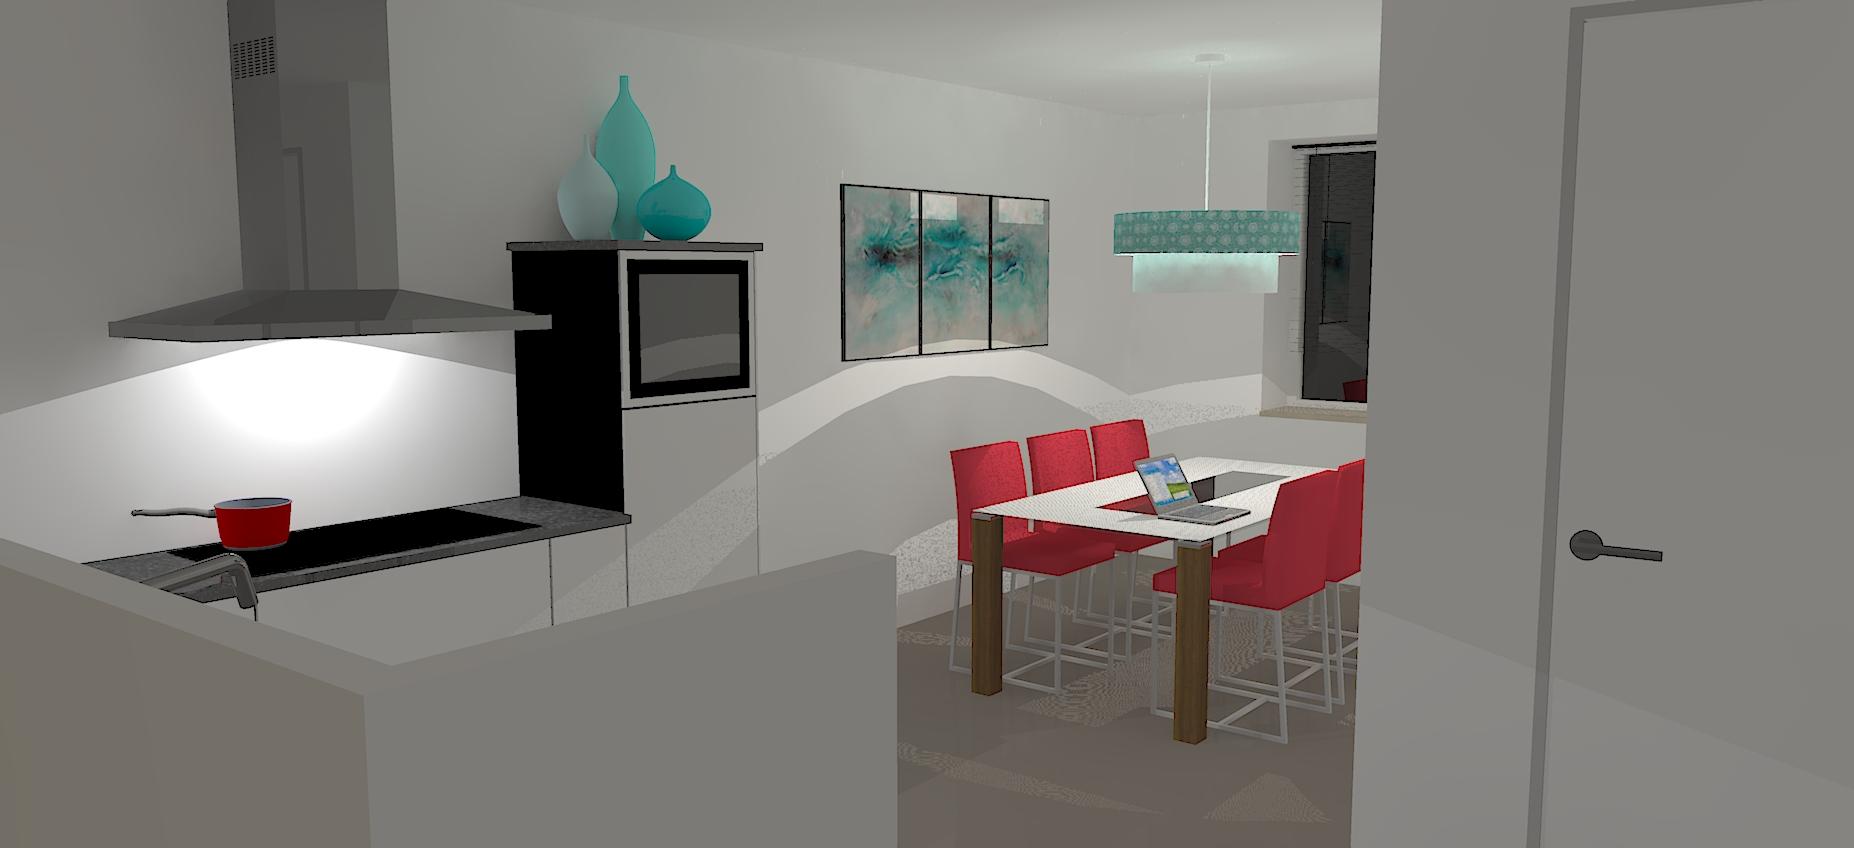 Ingrid eigenaar interieuradviesbureau huis interieur for Huis programma tv